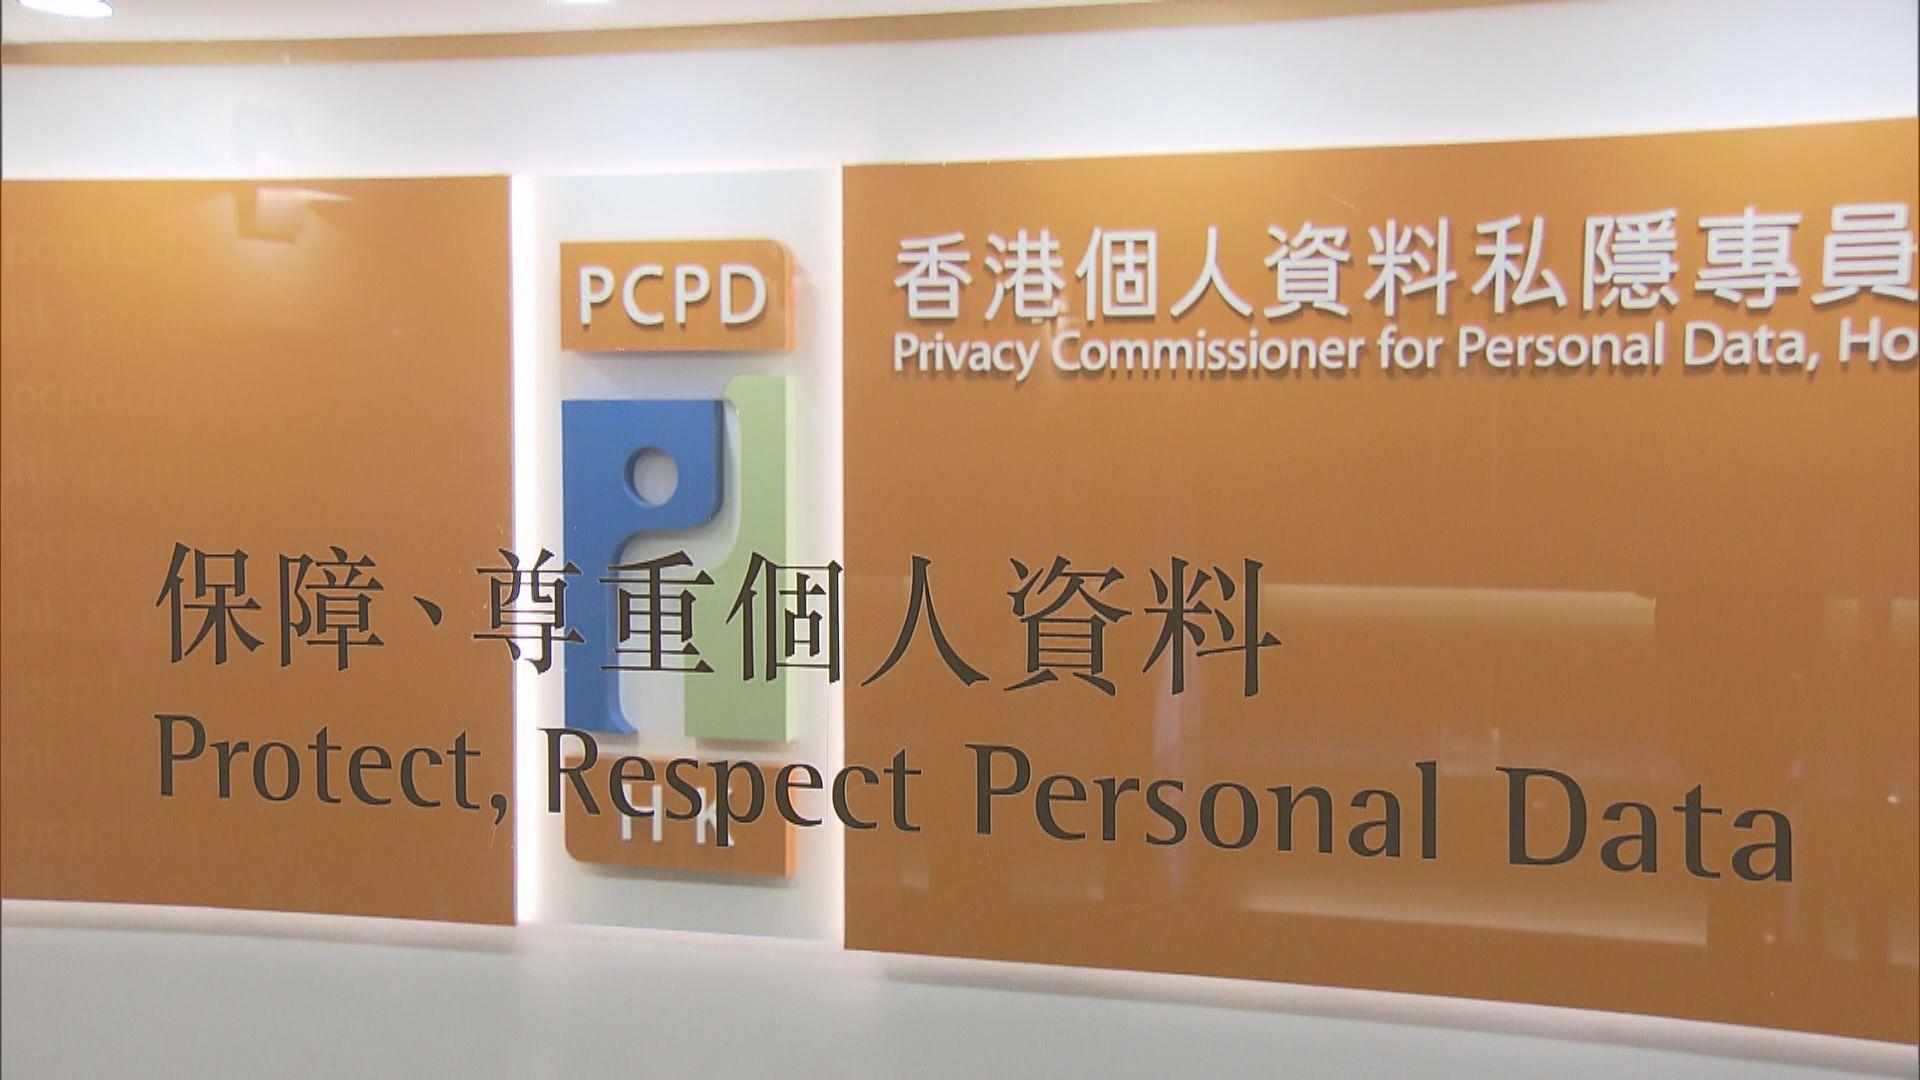 私隱專員歡迎法庭對鄭麗琼「起底」案裁決